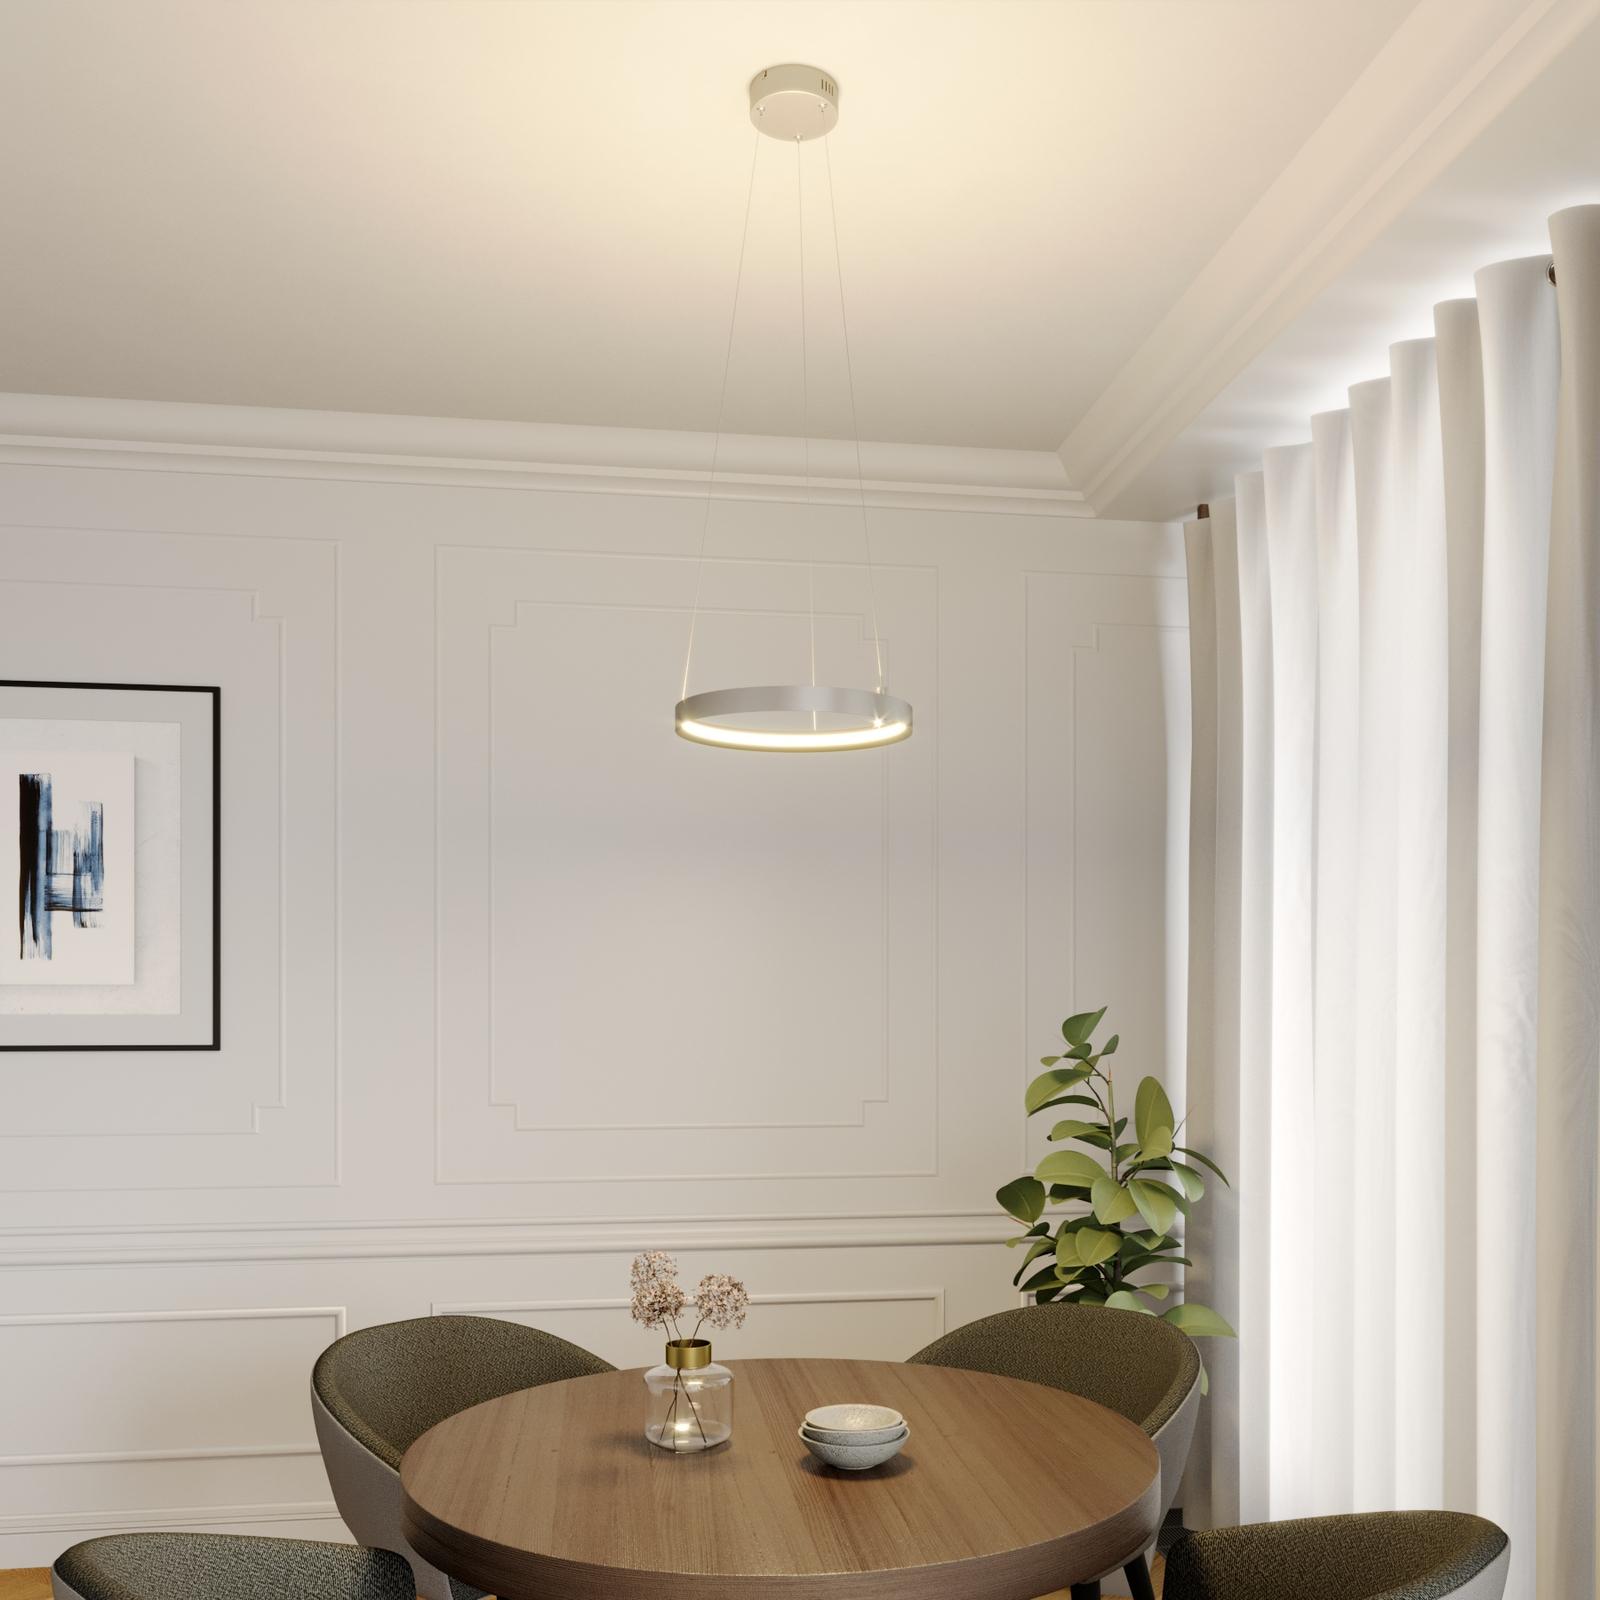 Lucande Naylia -LED-riippuvalo nikkeliä, Ø 40 cm